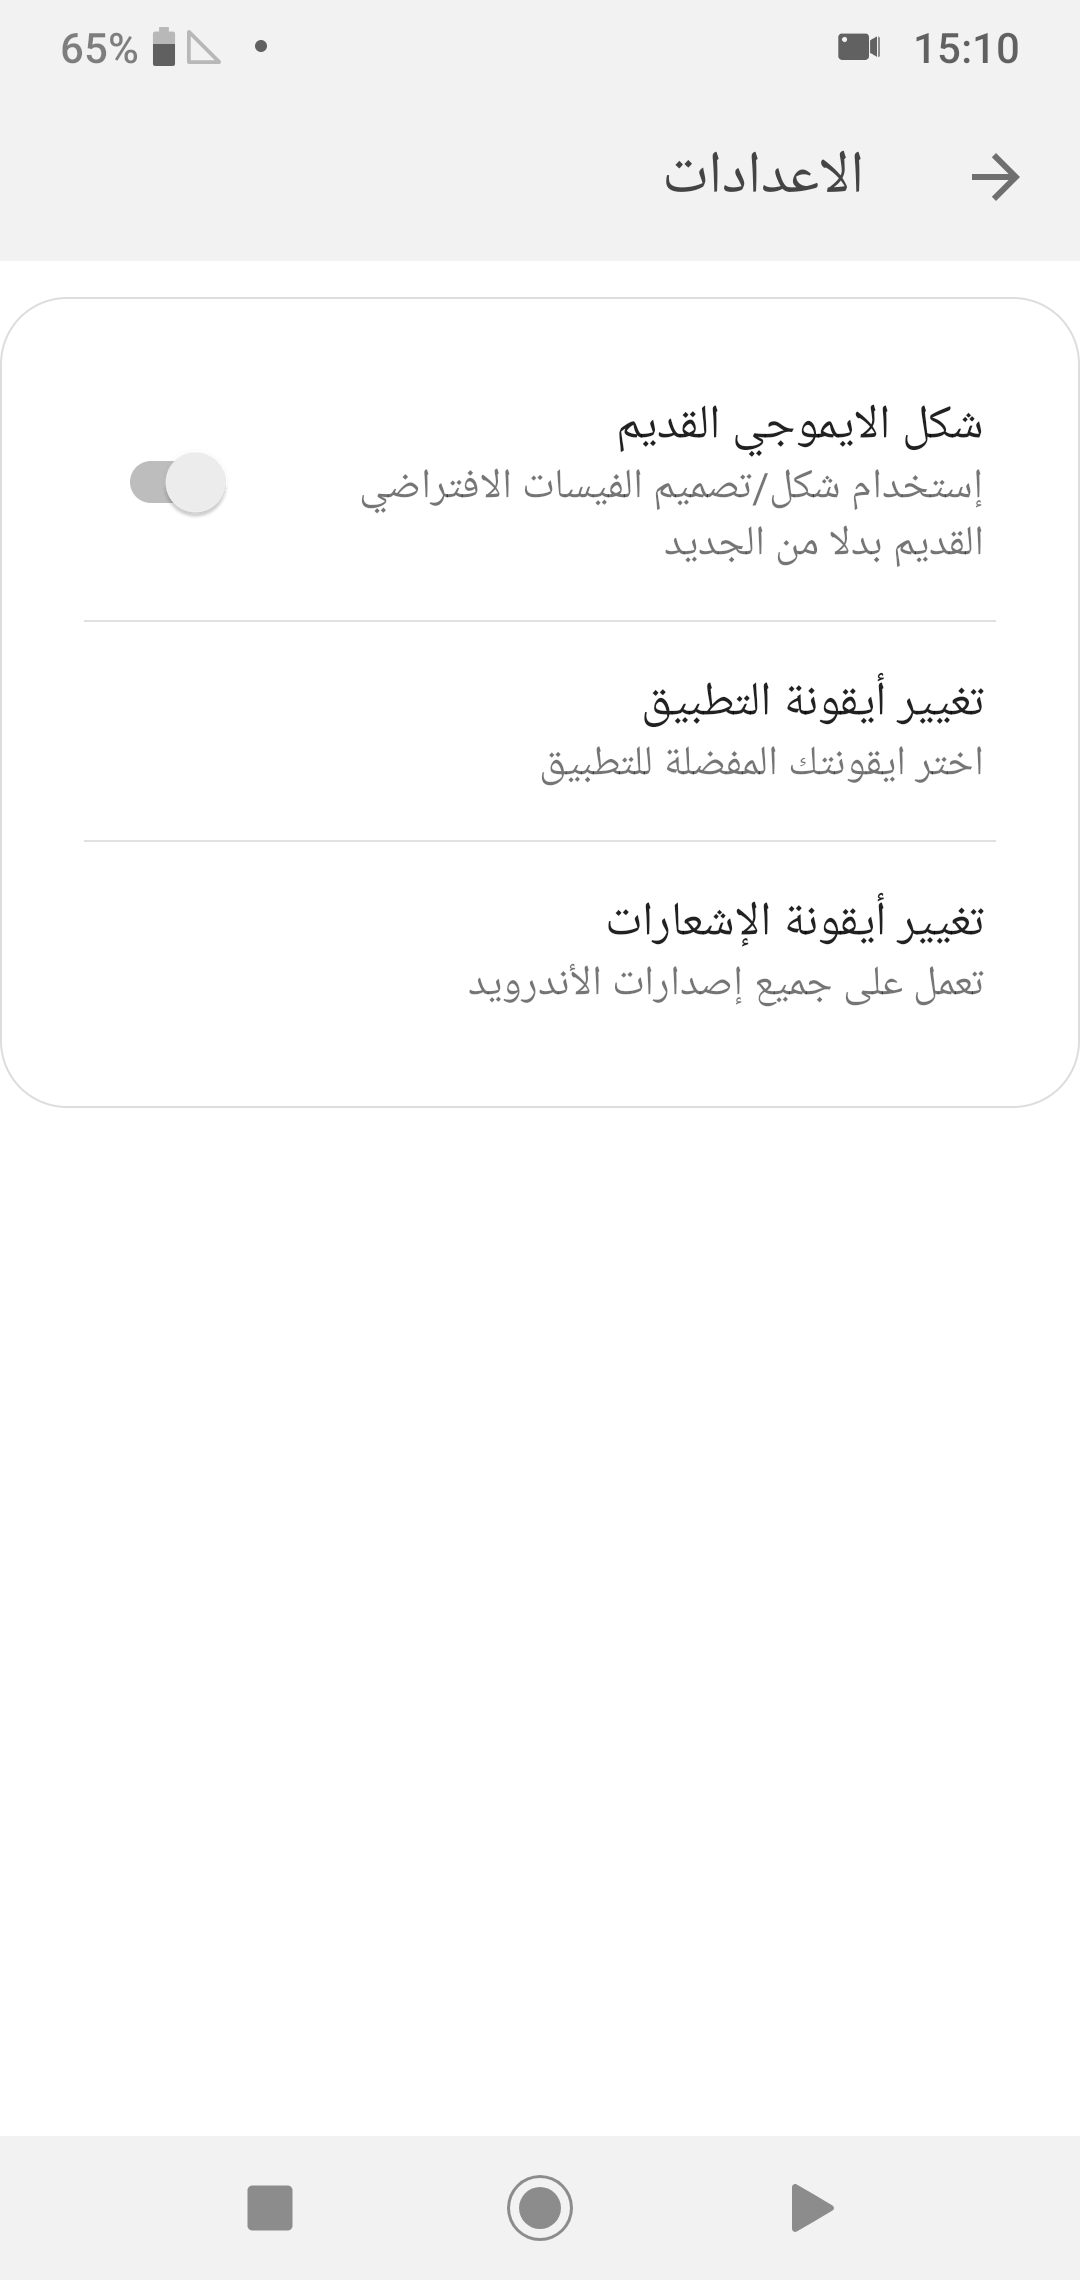 واتساب الذهبي Whatsapp Gold - صورة للبرنامج #5